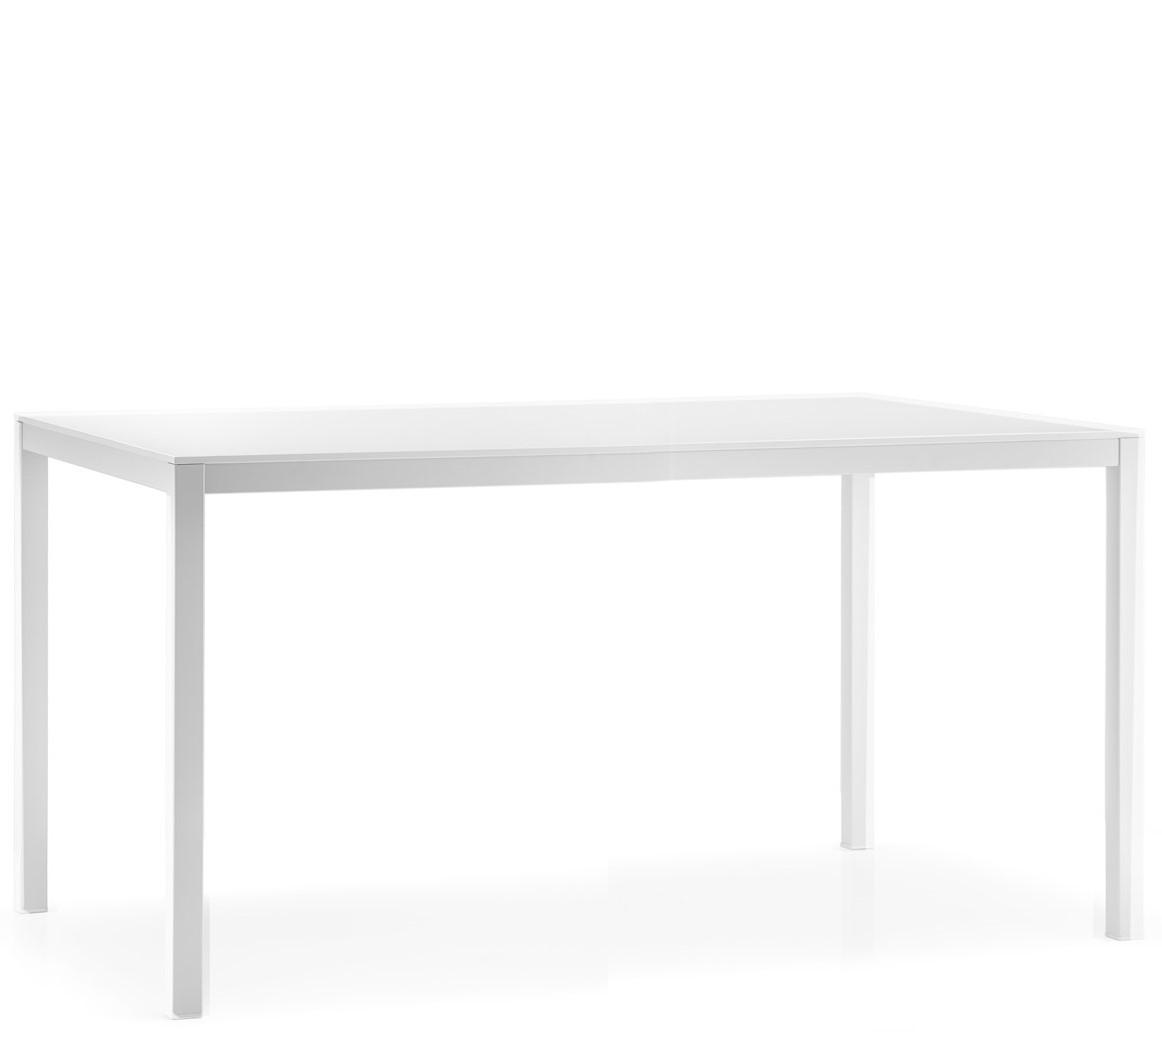 Kuadro Table